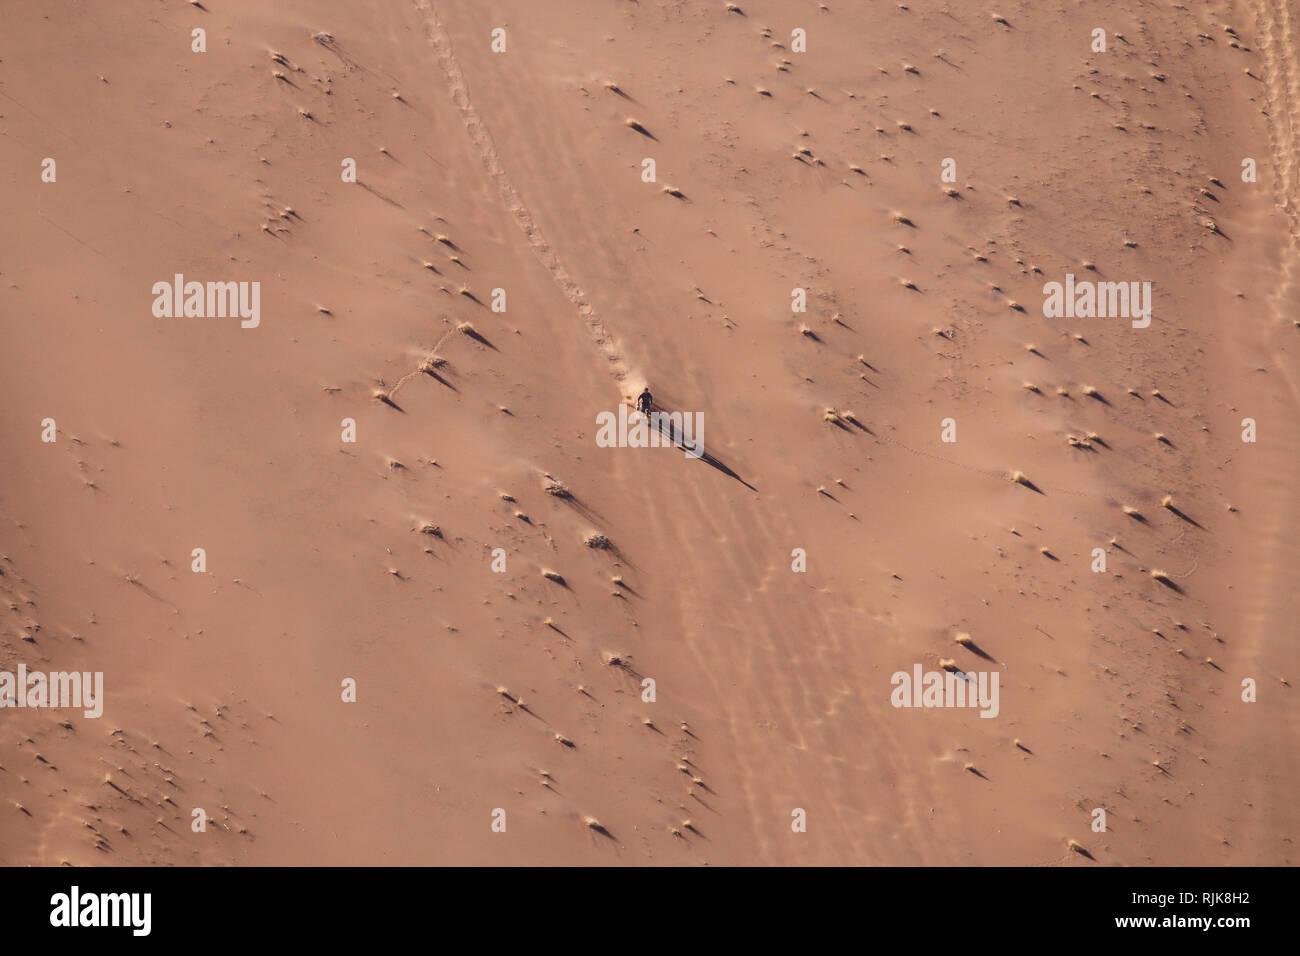 Mensch rennt eine Düne in der Namib Wüste runter Stock Photo